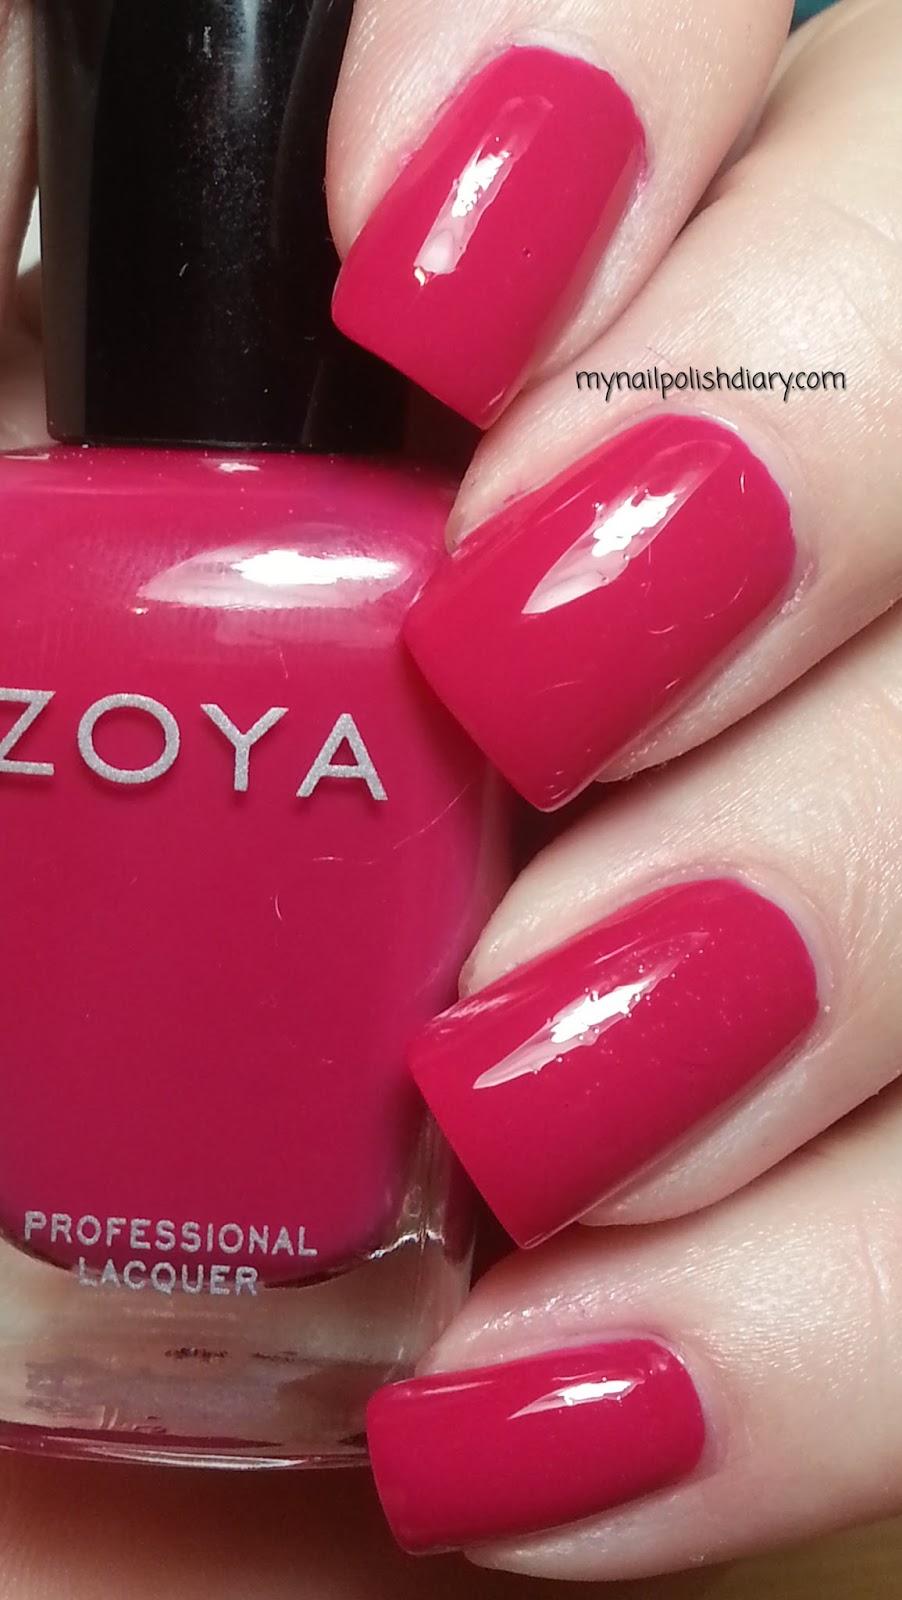 My Nail Polish Diary Zoya Dita